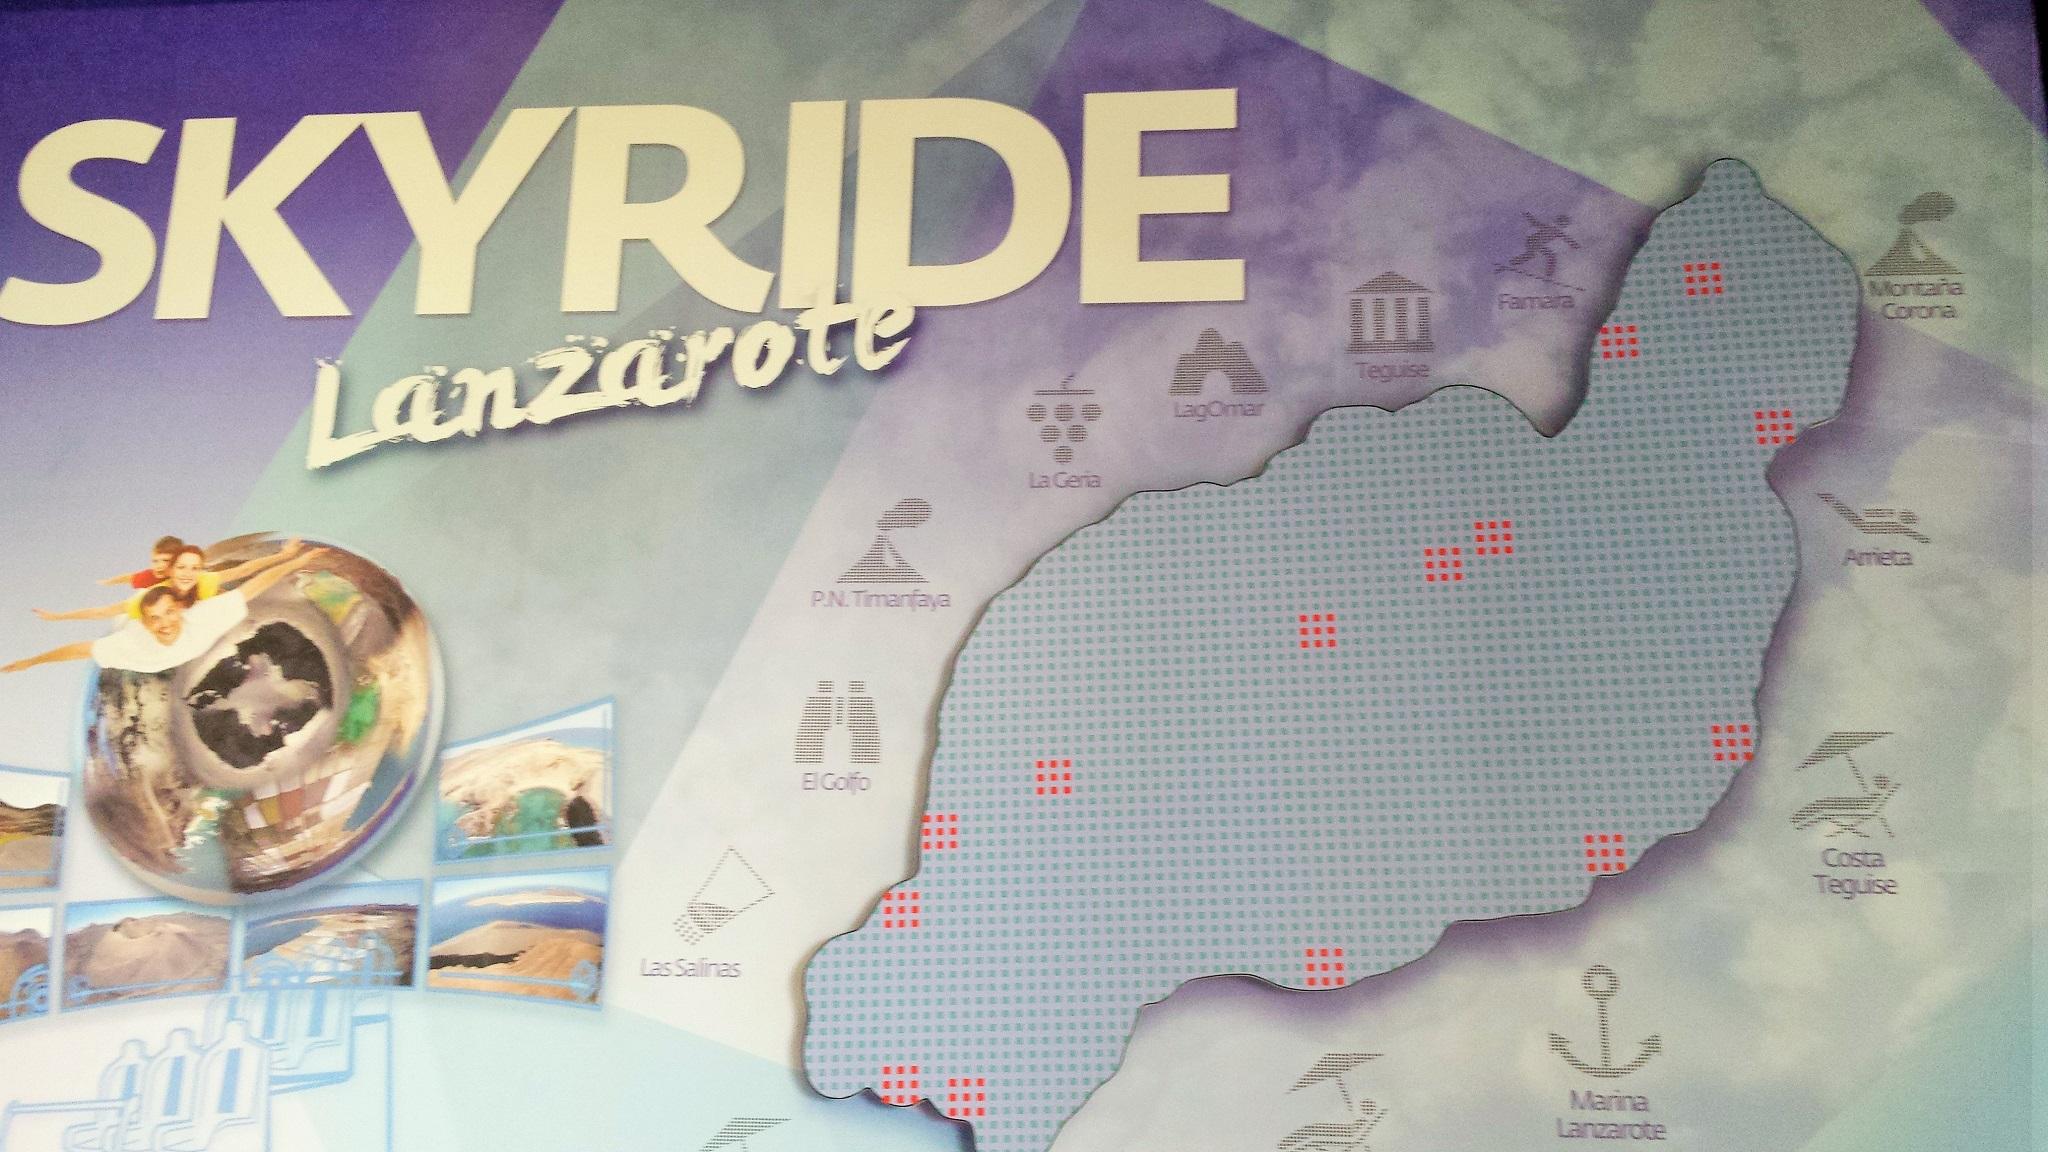 Skyride Lanzarote, viaje en simulador de vuelo por Lanzarote